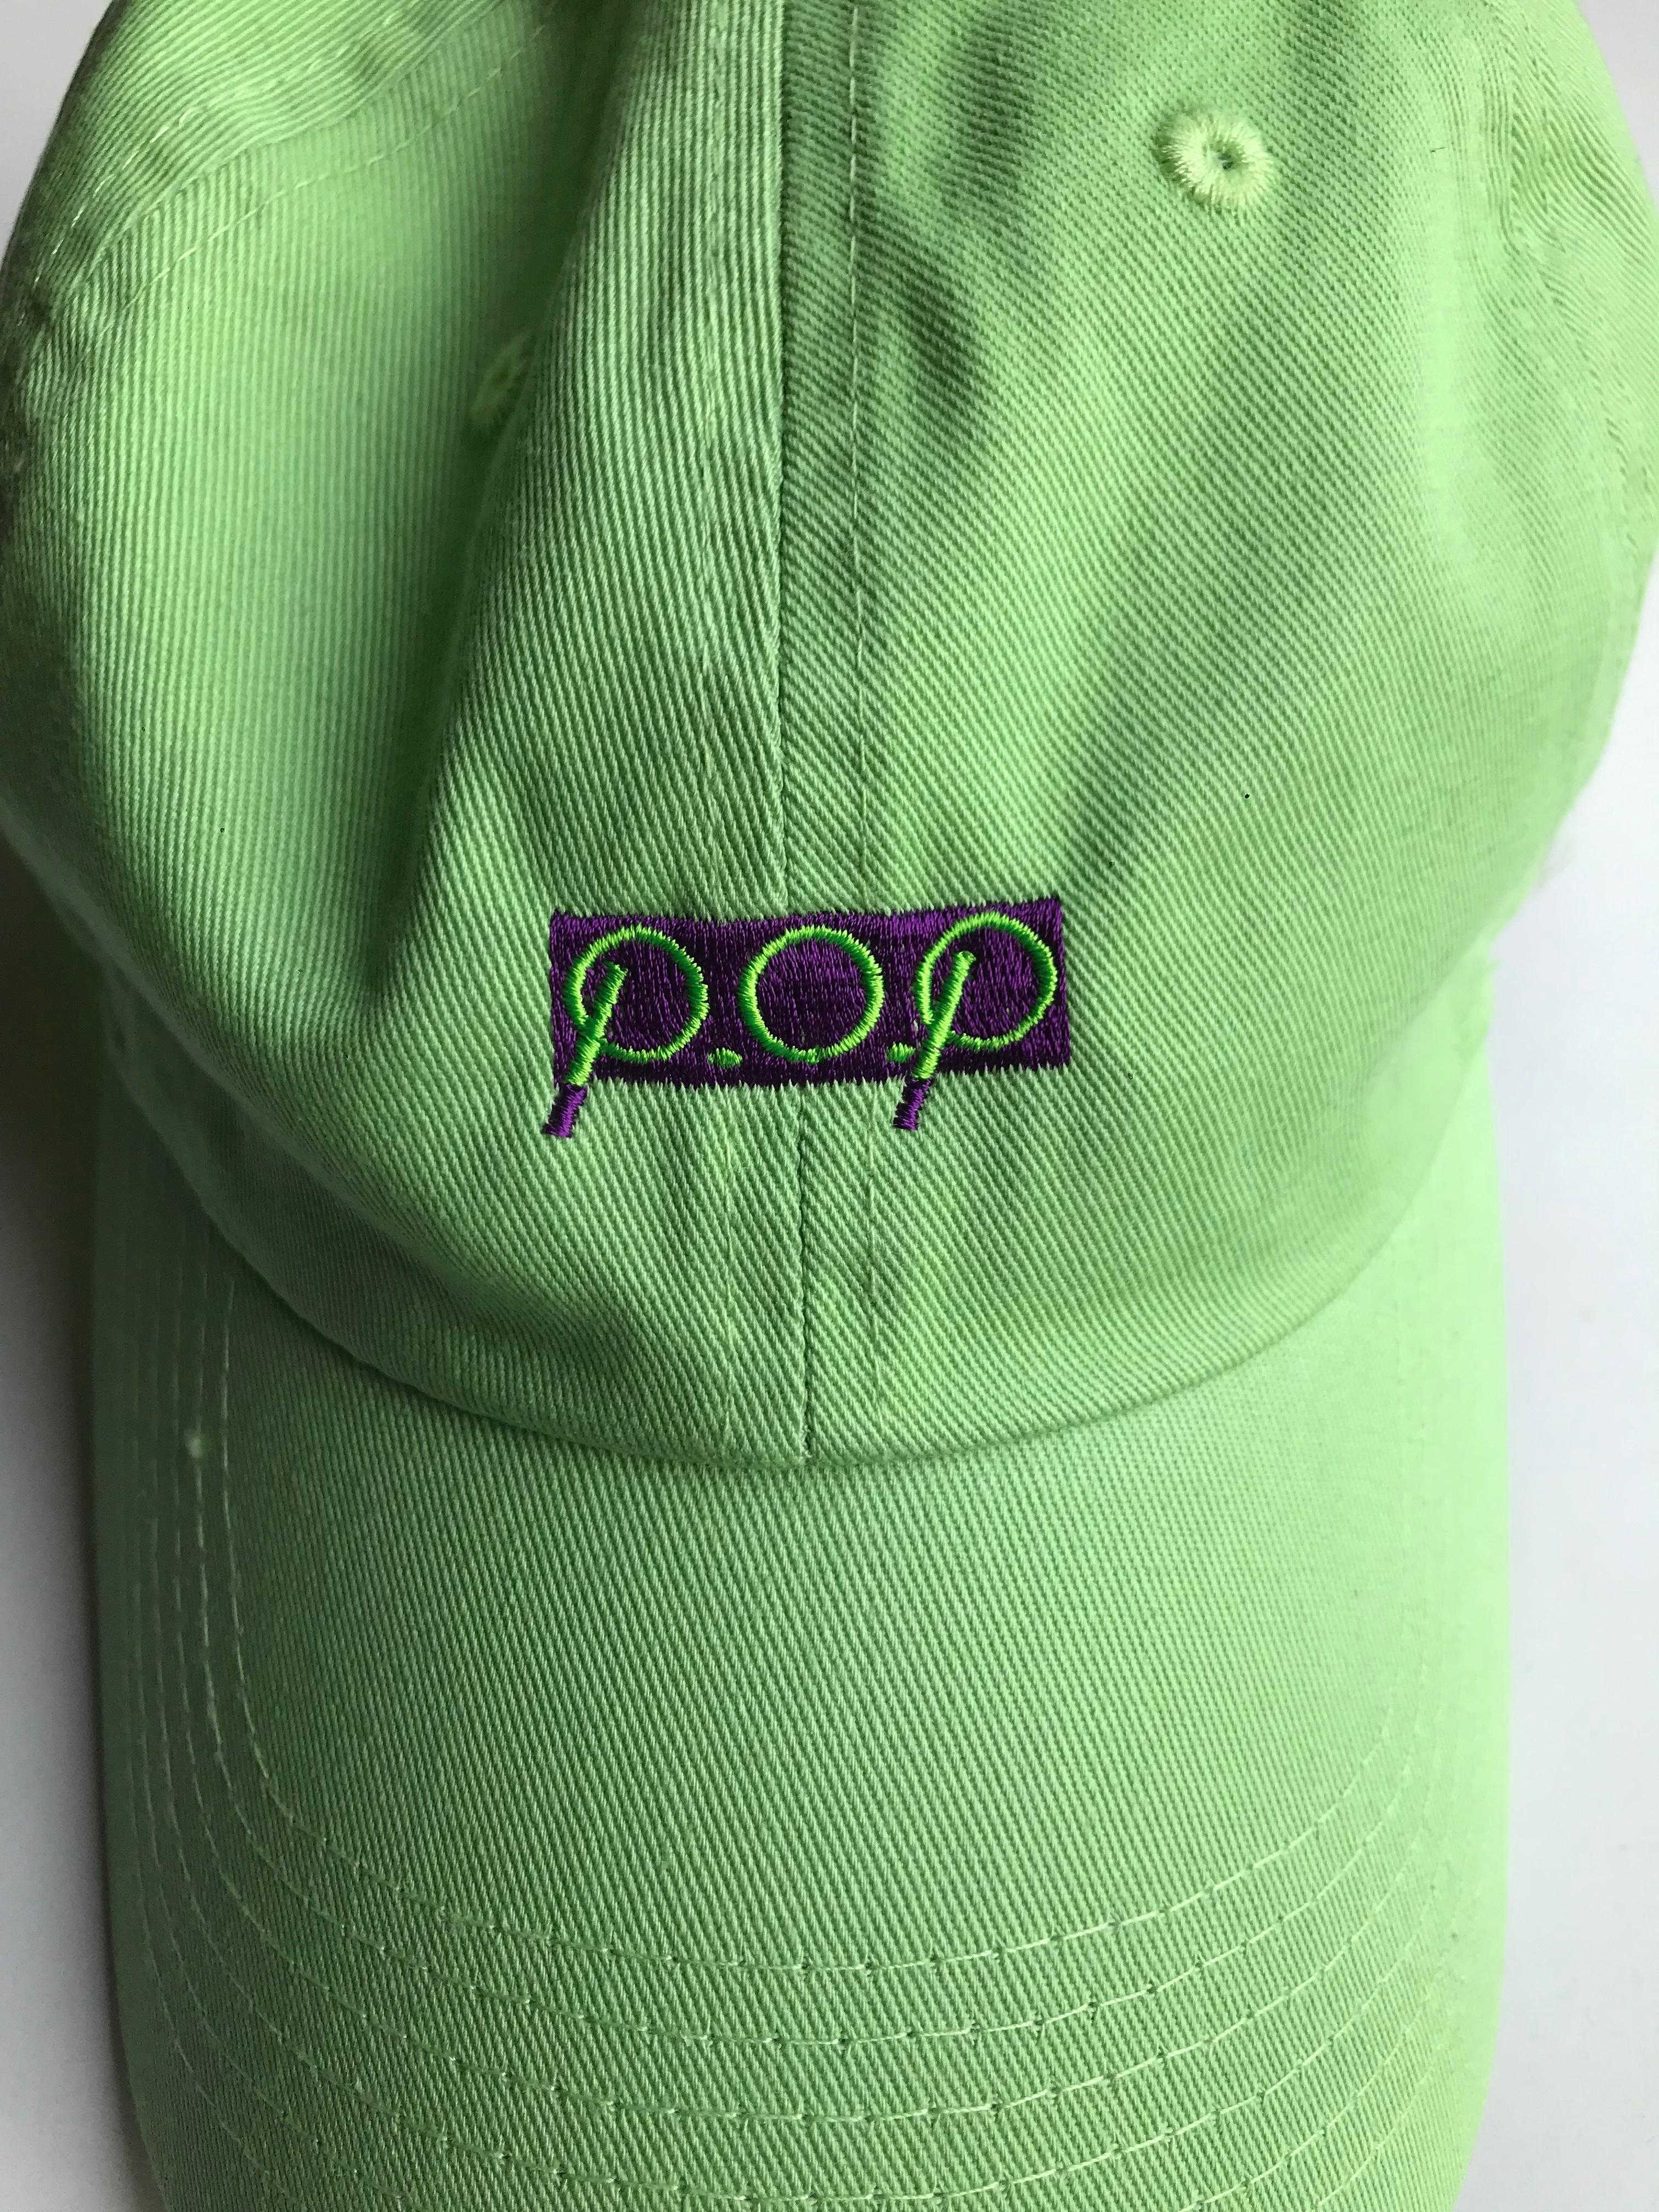 P.O.P CAP 2019 SUMMER - 画像3